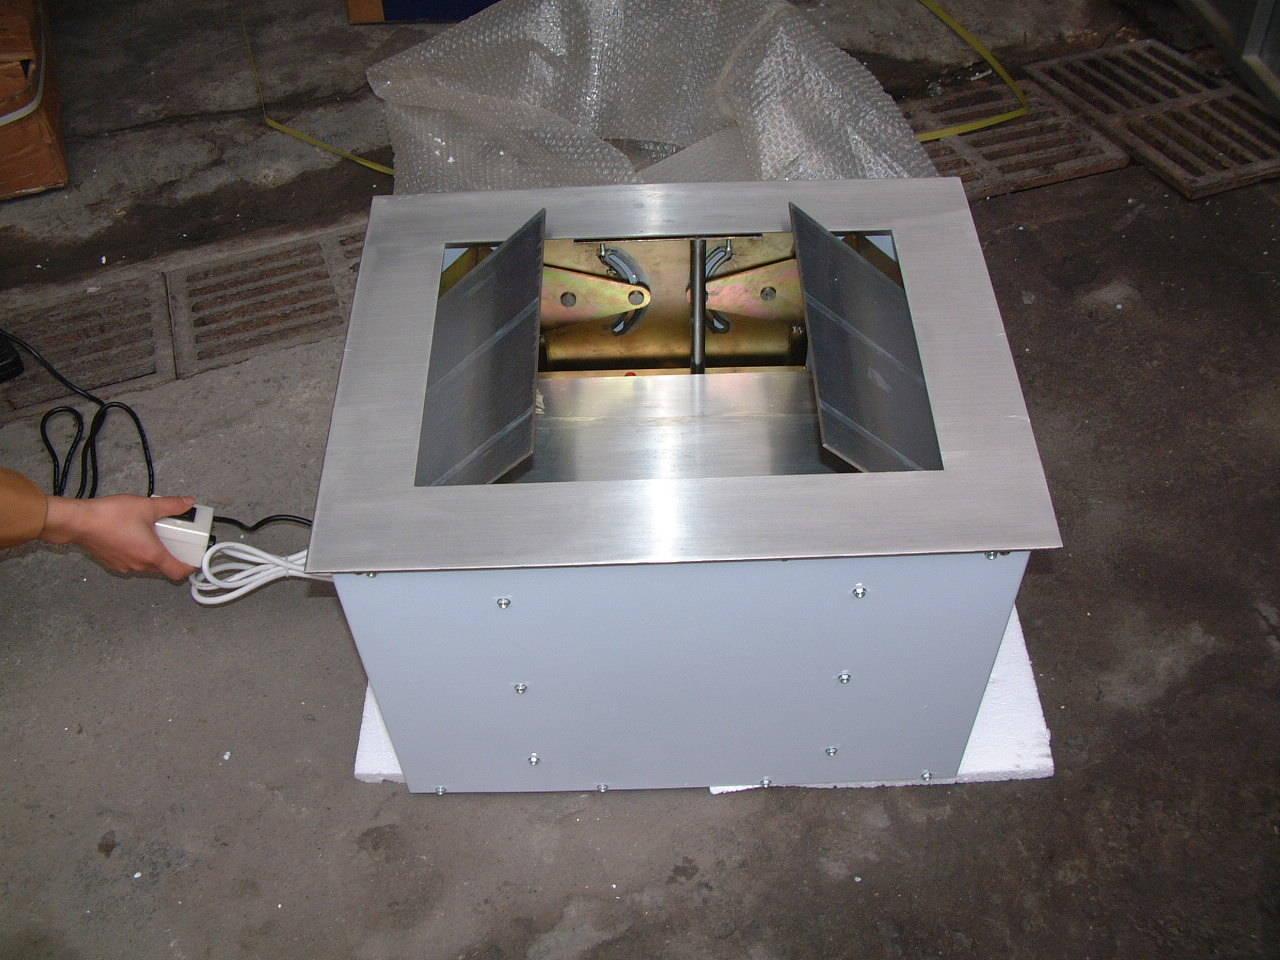 液晶显示器升降器, 电动吊架, 电动窗帘,电动投影幕,智能桌面